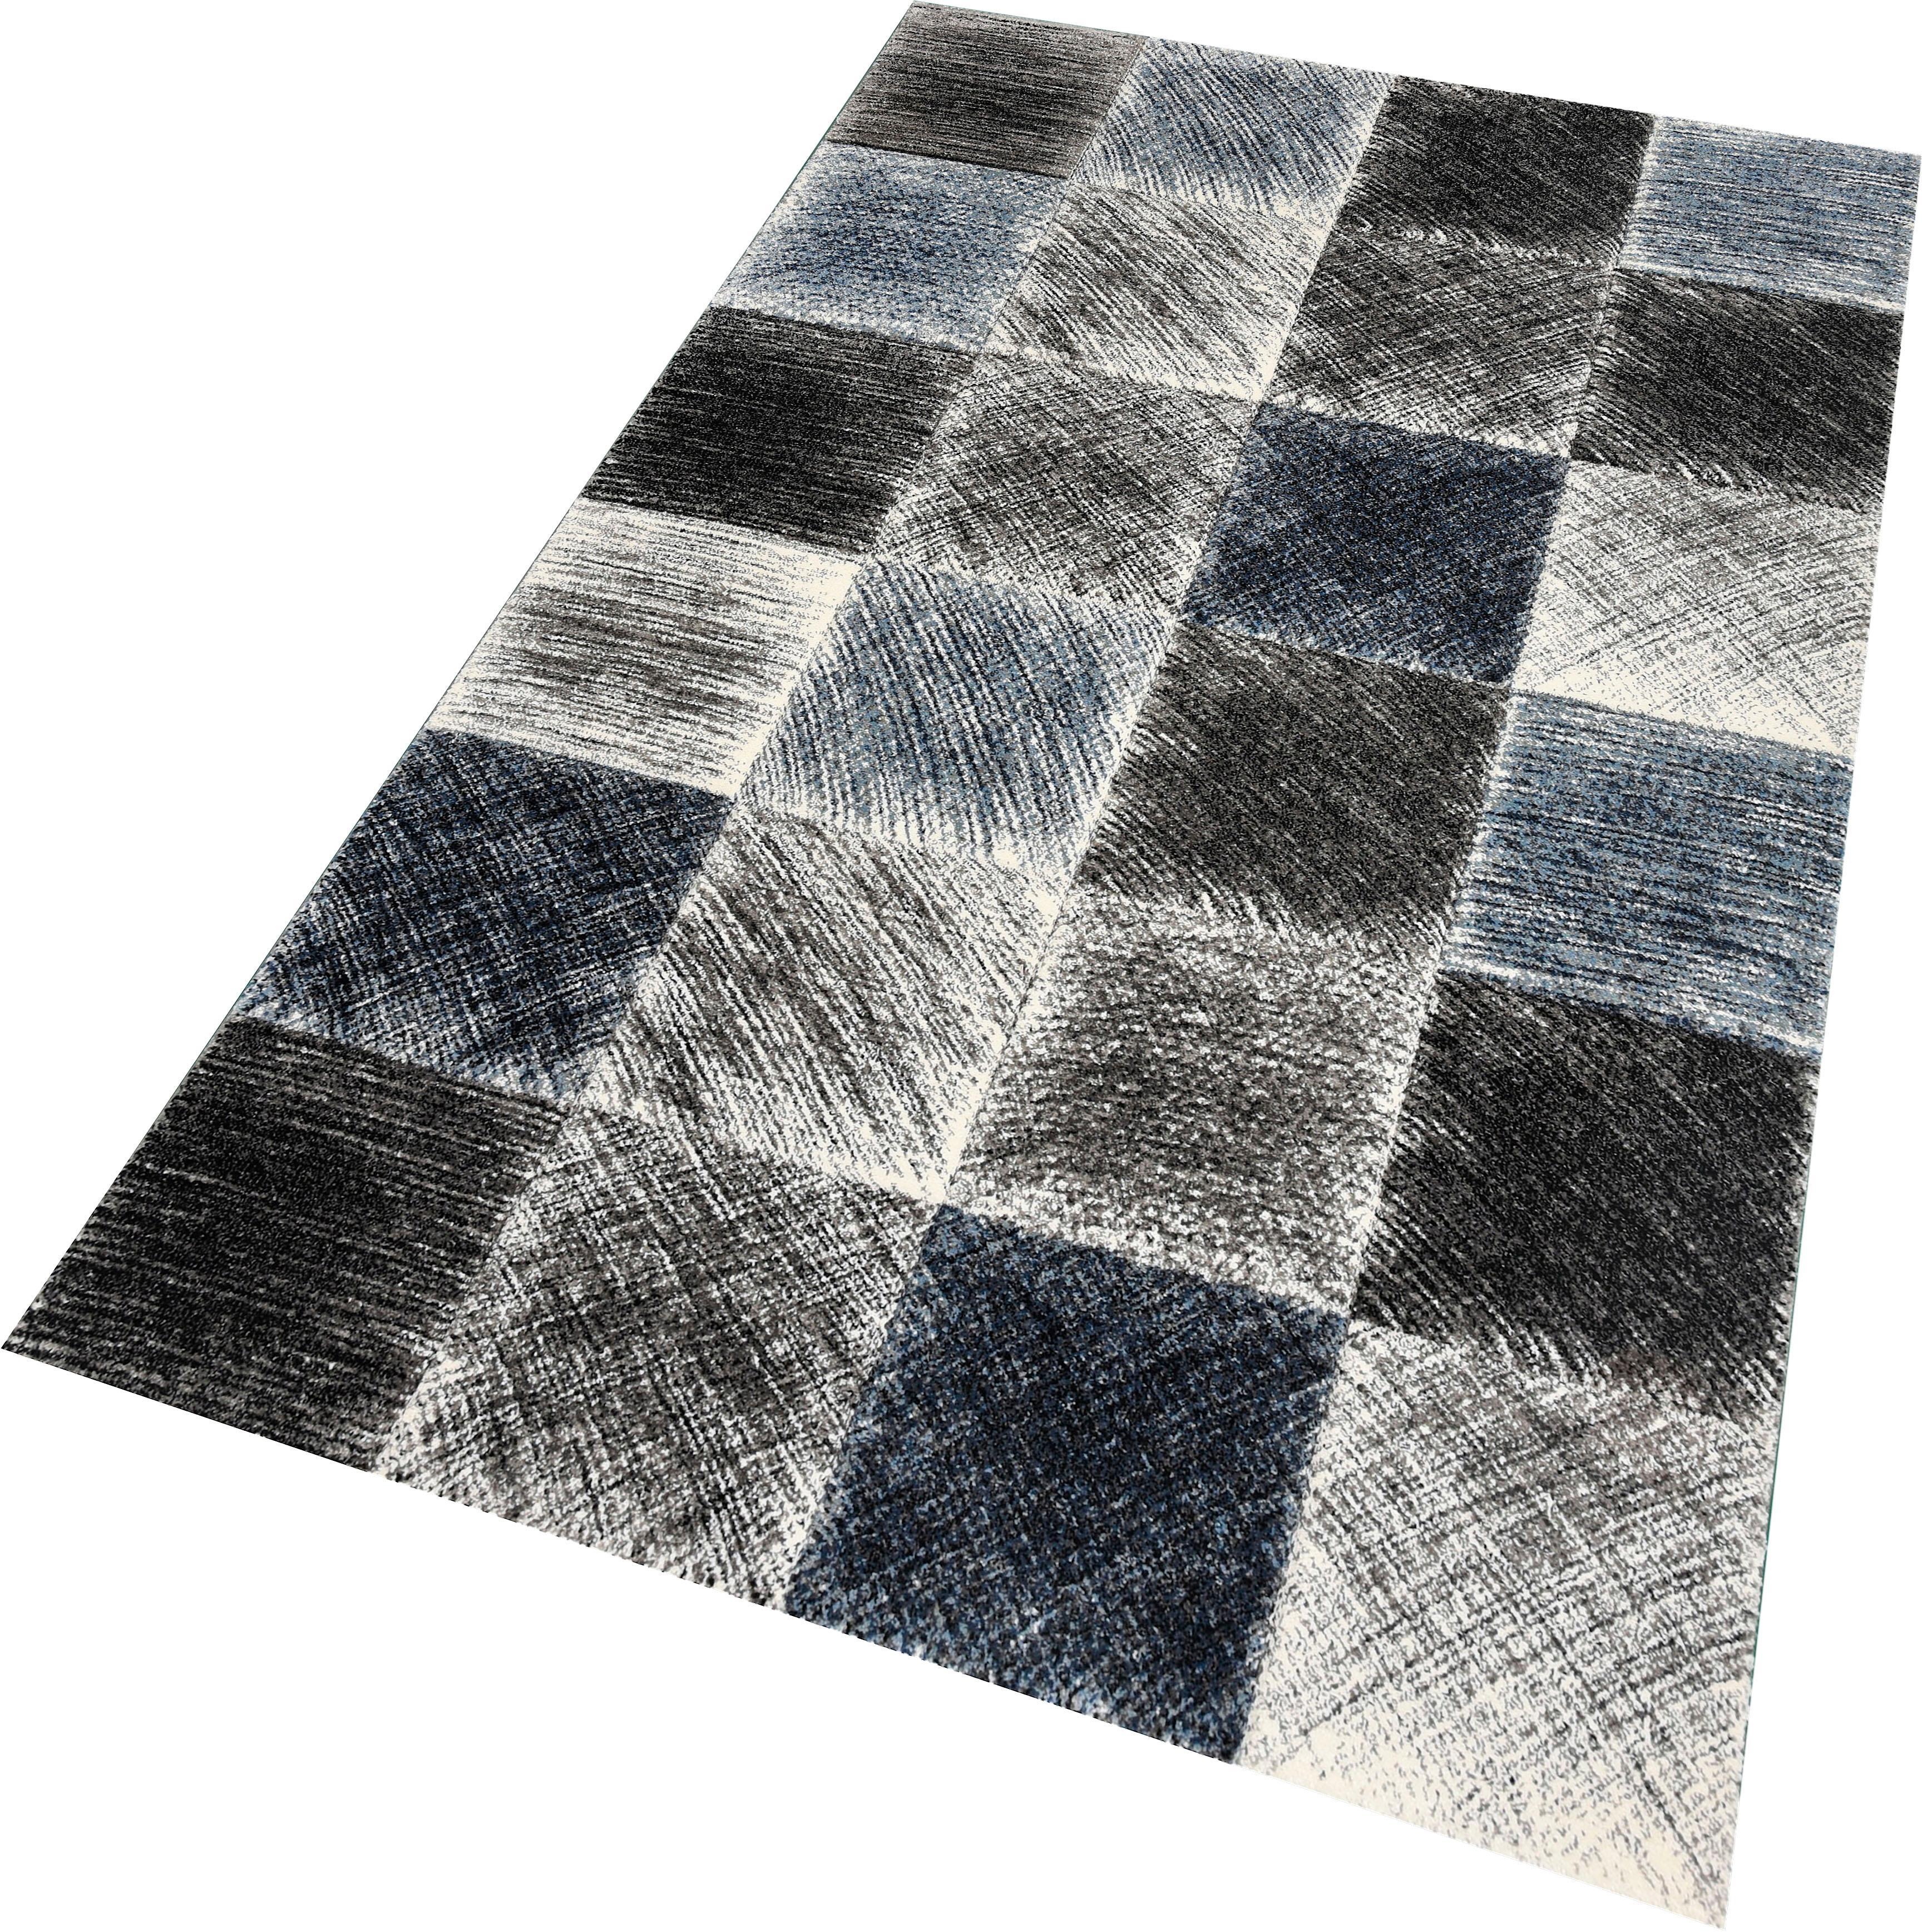 Teppich Indigo 22170 merinos rechteckig Höhe 13 mm maschinell gewebt